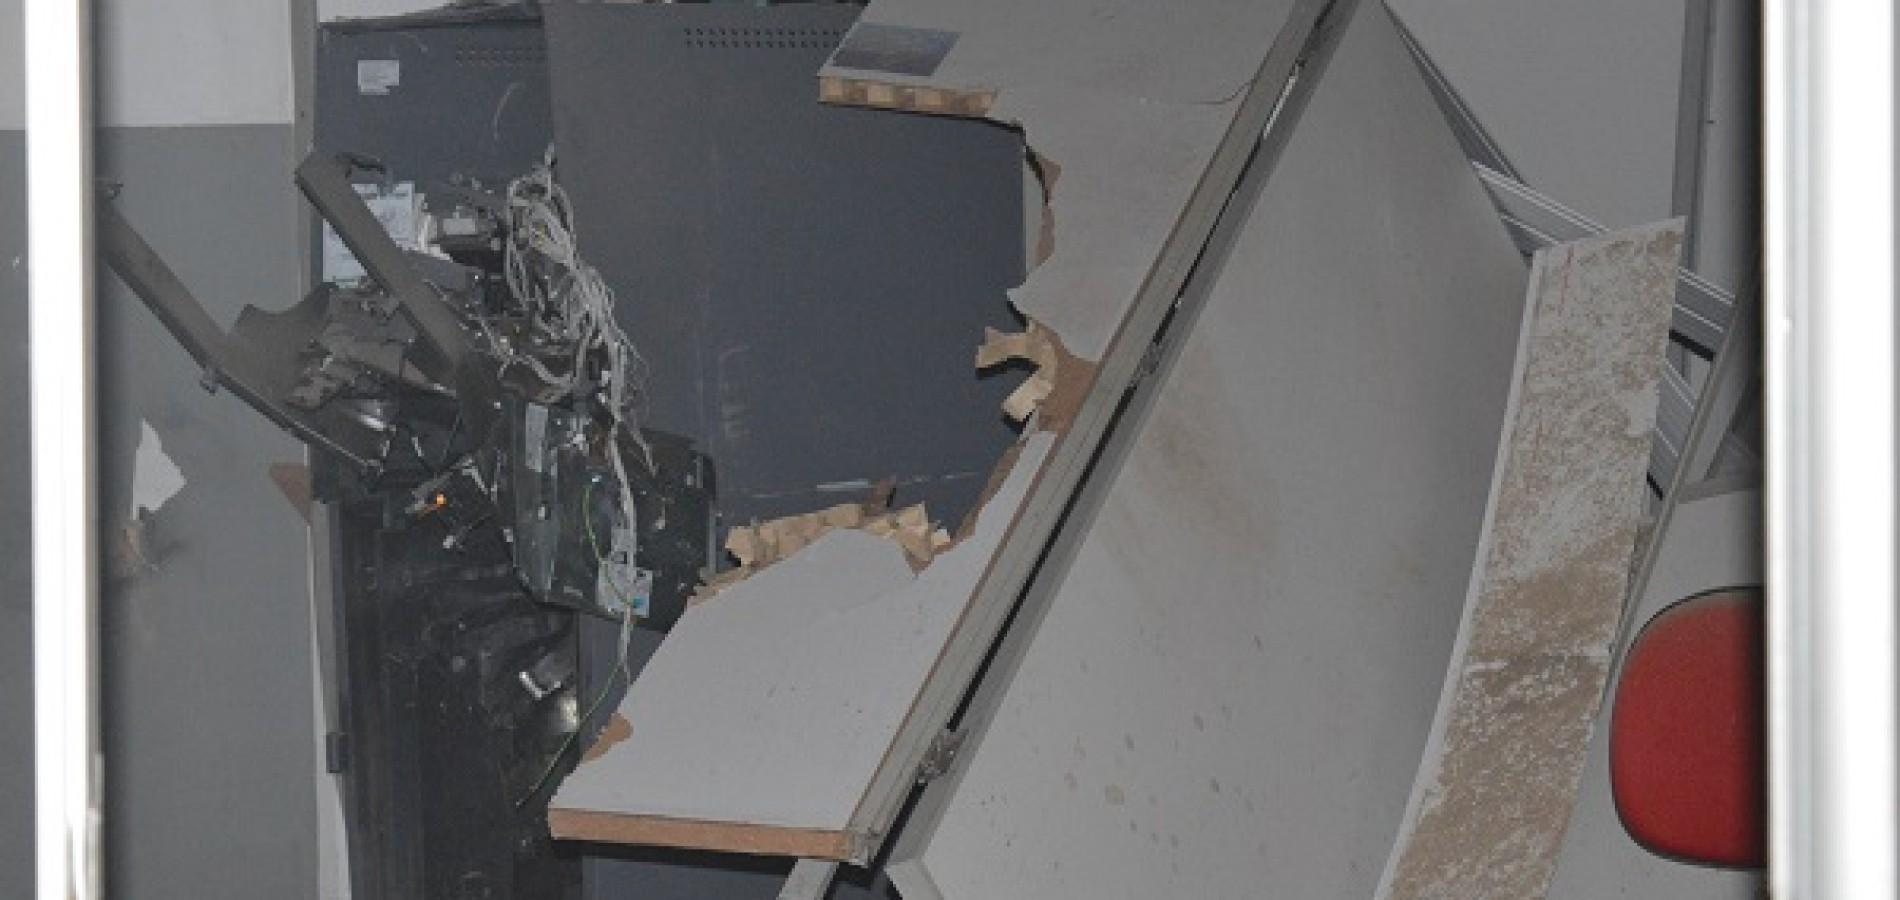 Bandidos explodem banco e casa lotérica no interior do Piauí